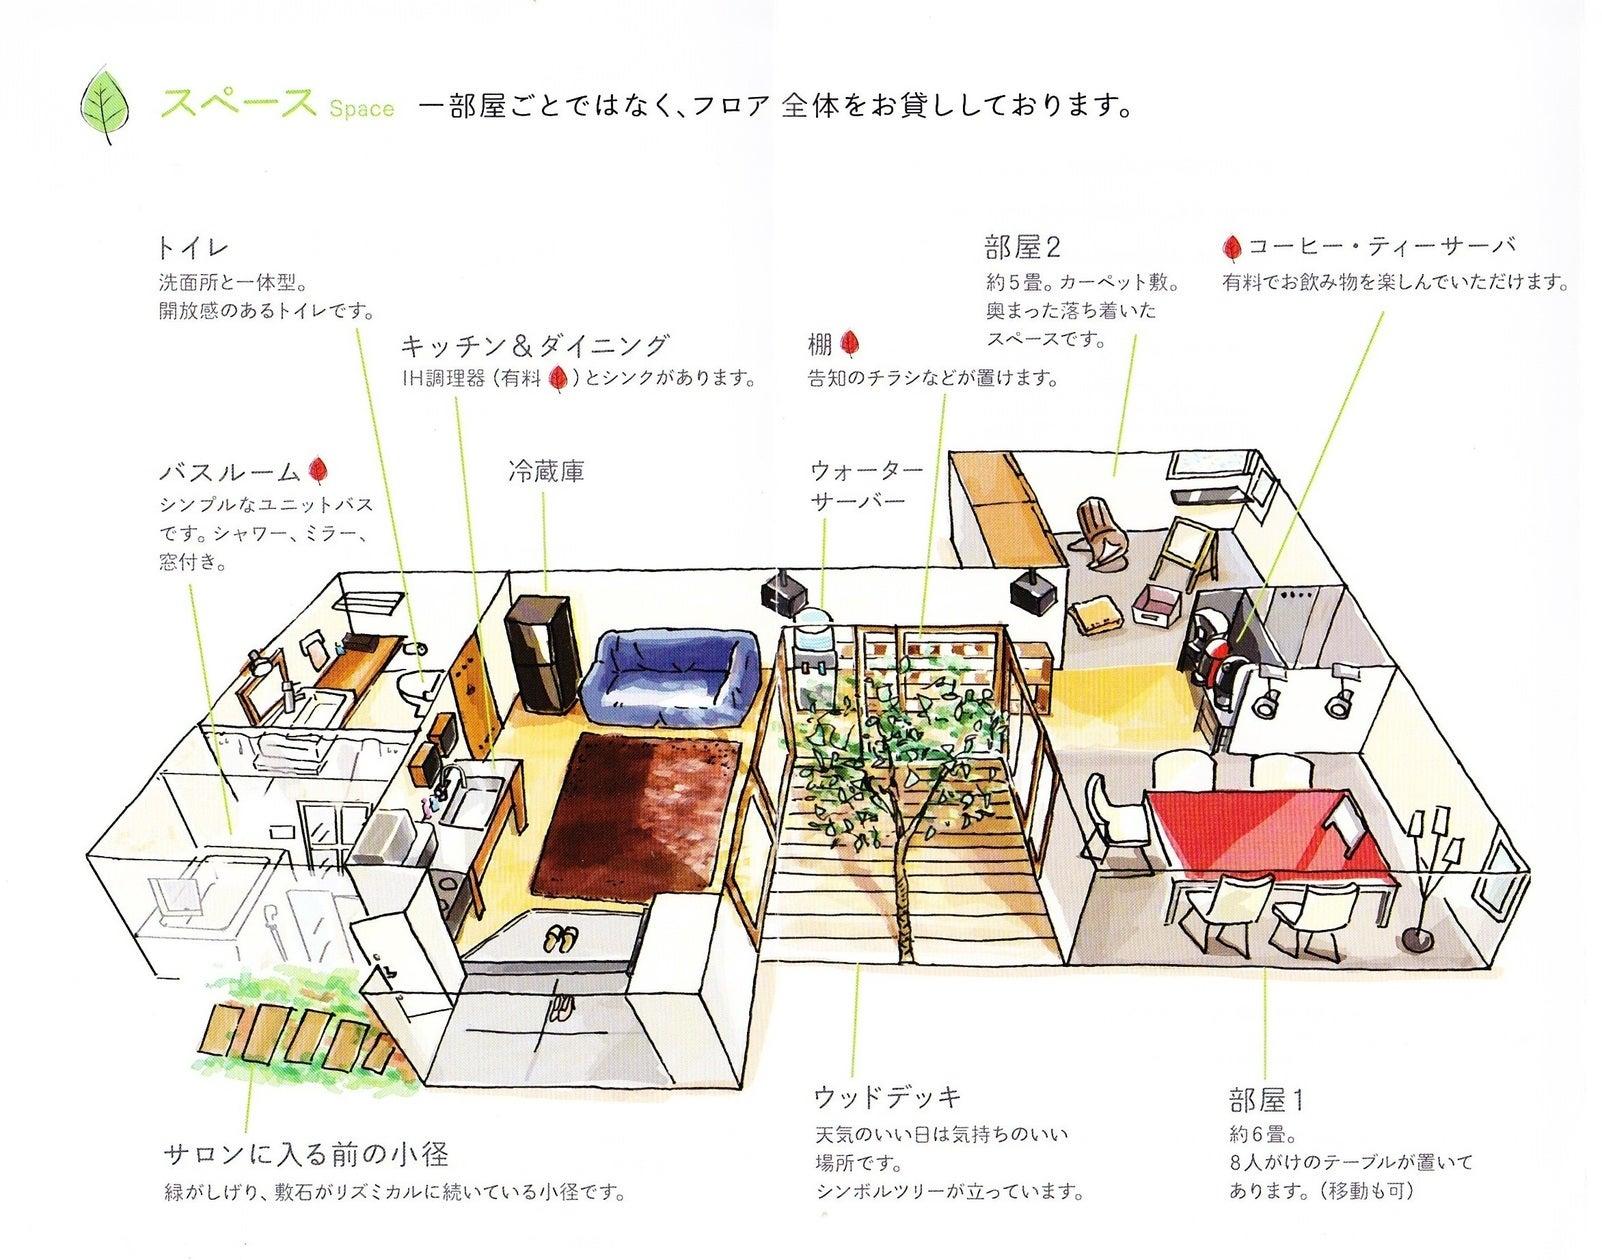 隠れ家的デザイナーズハウス!ご利用用途自由。キッチン付き!(隠れ家的デザイナーズハウス!ご利用用途自由。キッチン付き!) の写真0